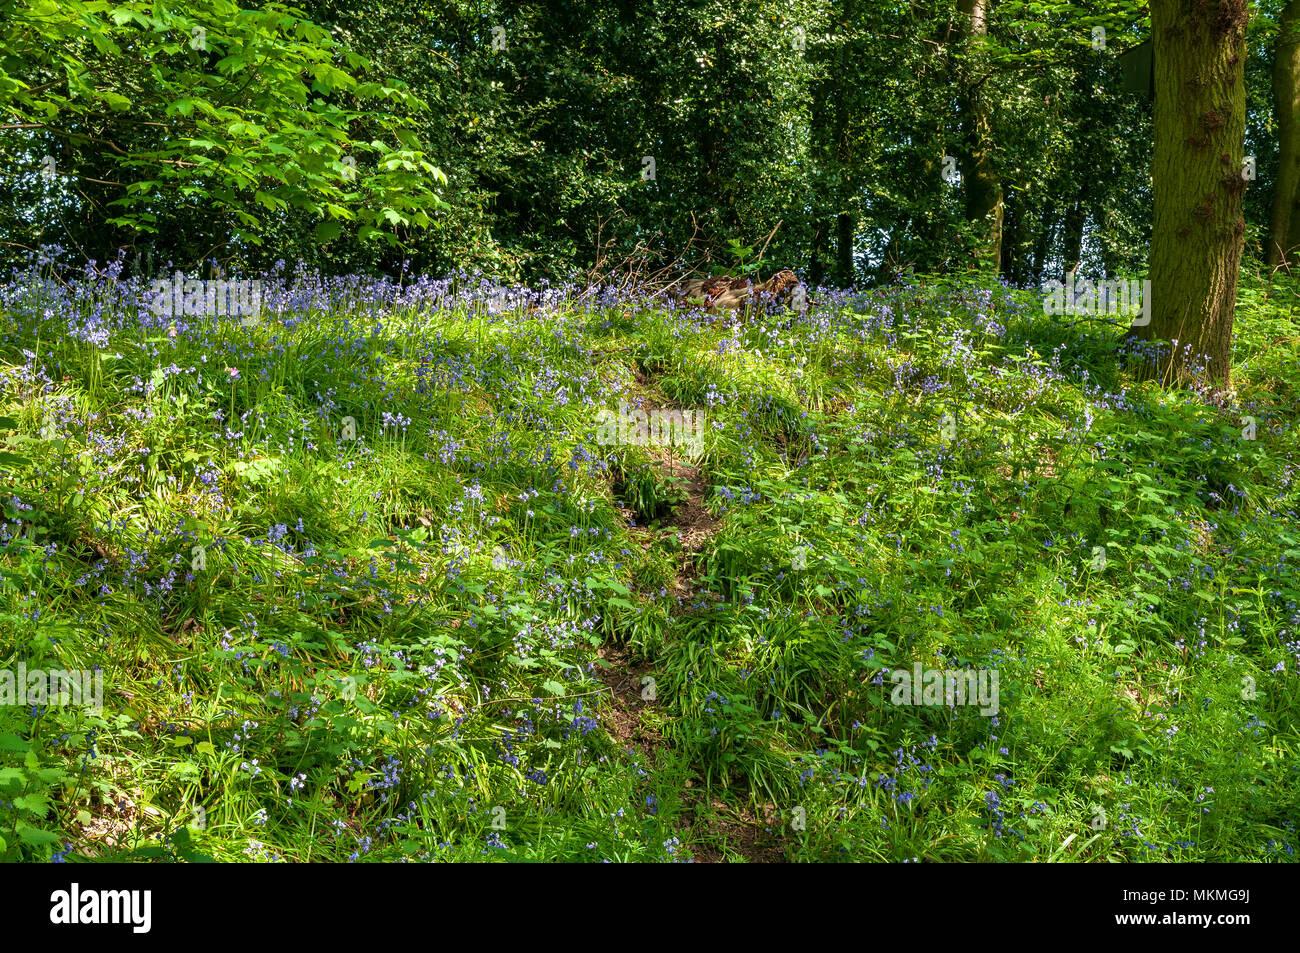 Woodland glade. Bluebells - Stock Image